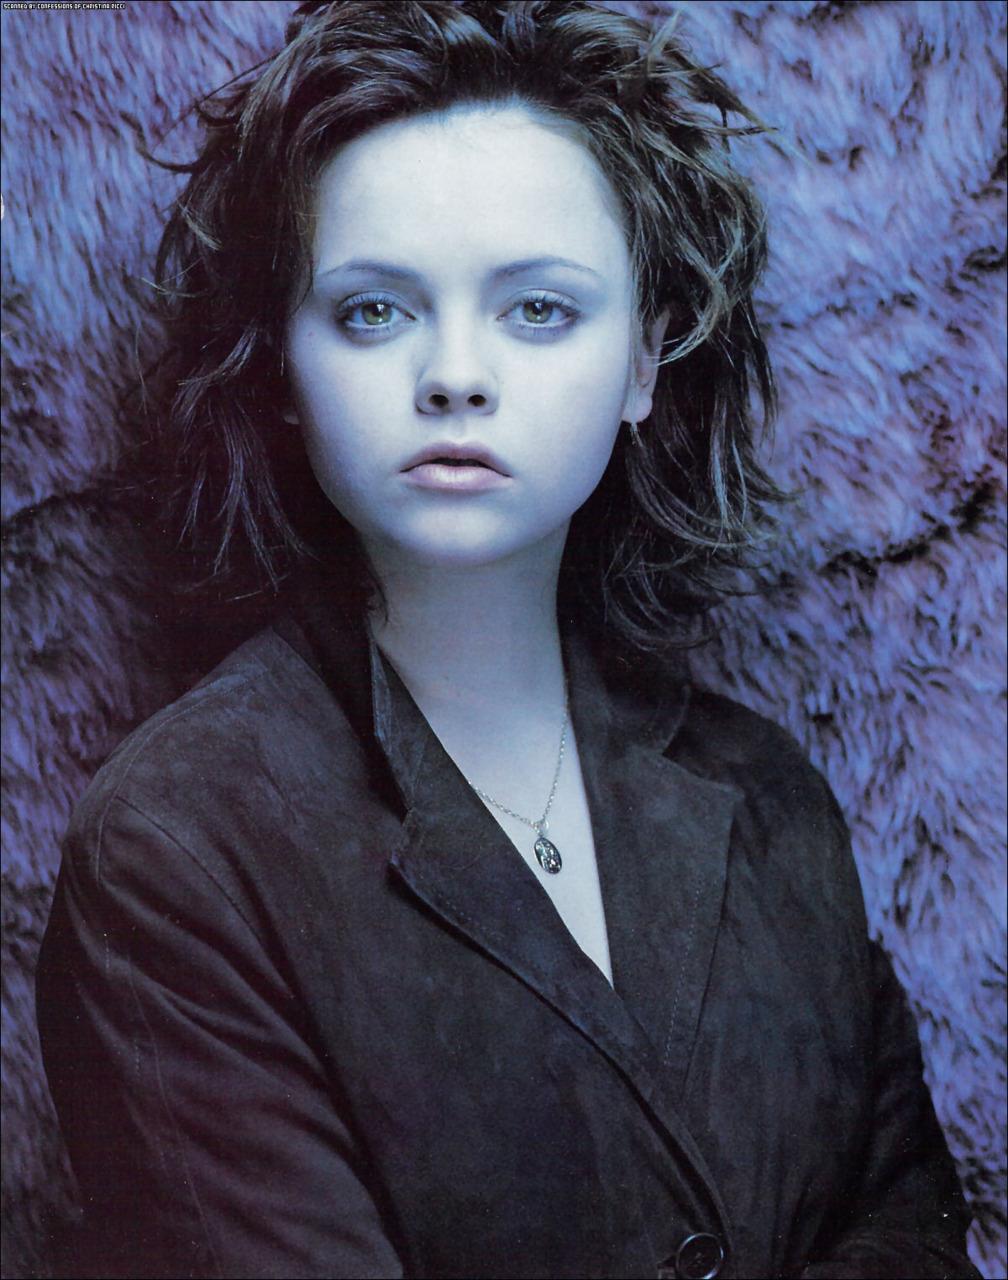 クリスティーナ・リッチの画像 p1_20